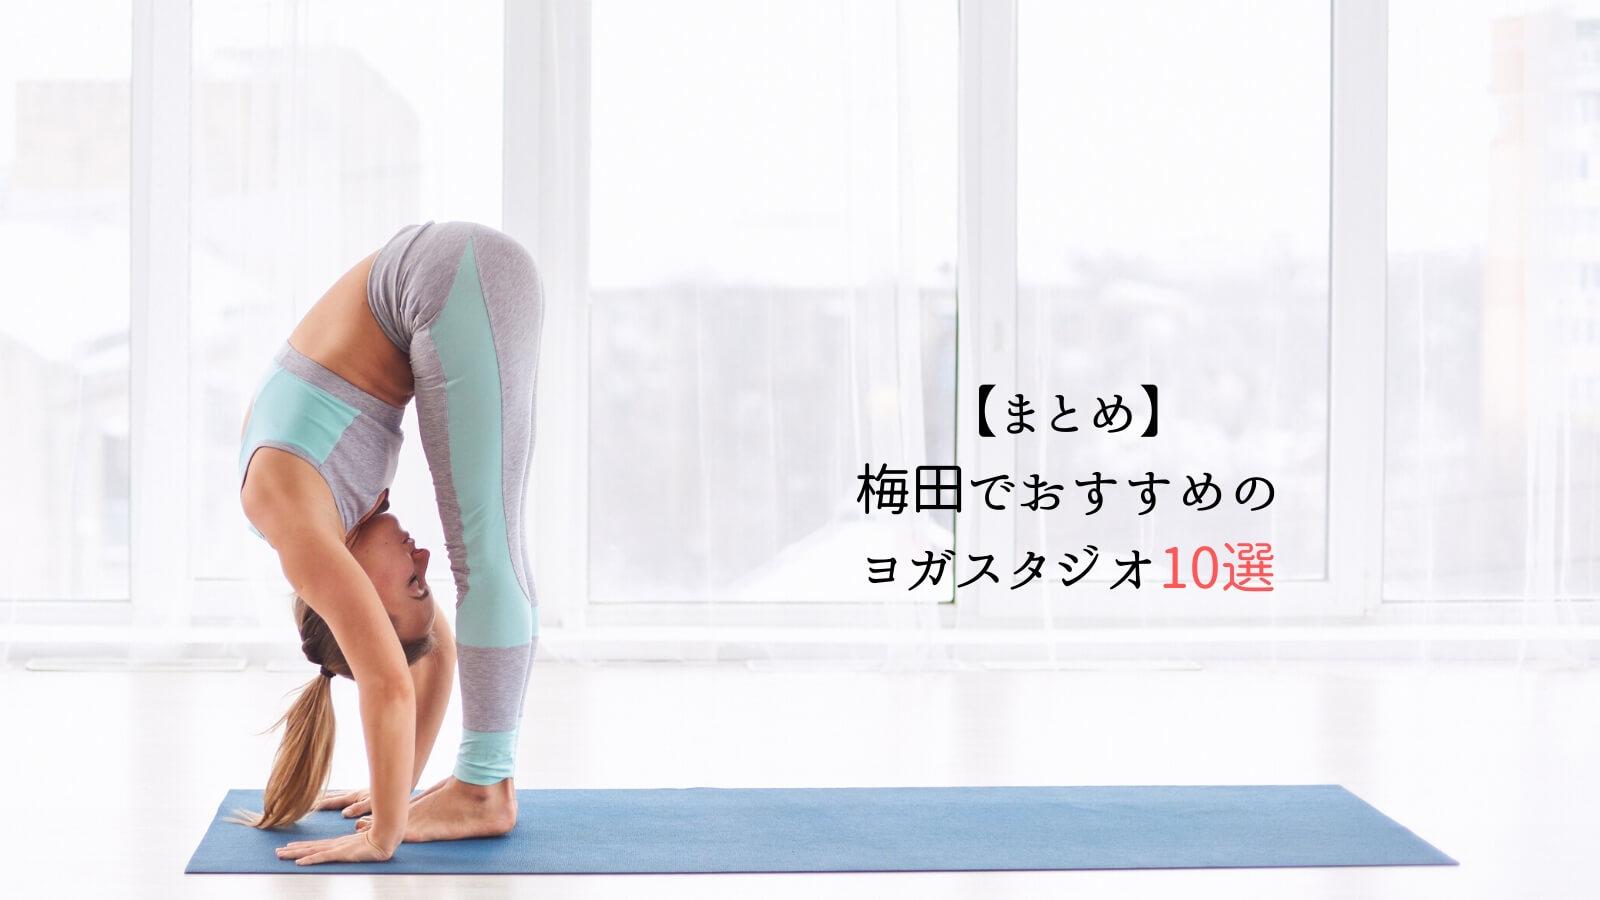 【まとめ】梅田おすすめヨガスタジオ10選